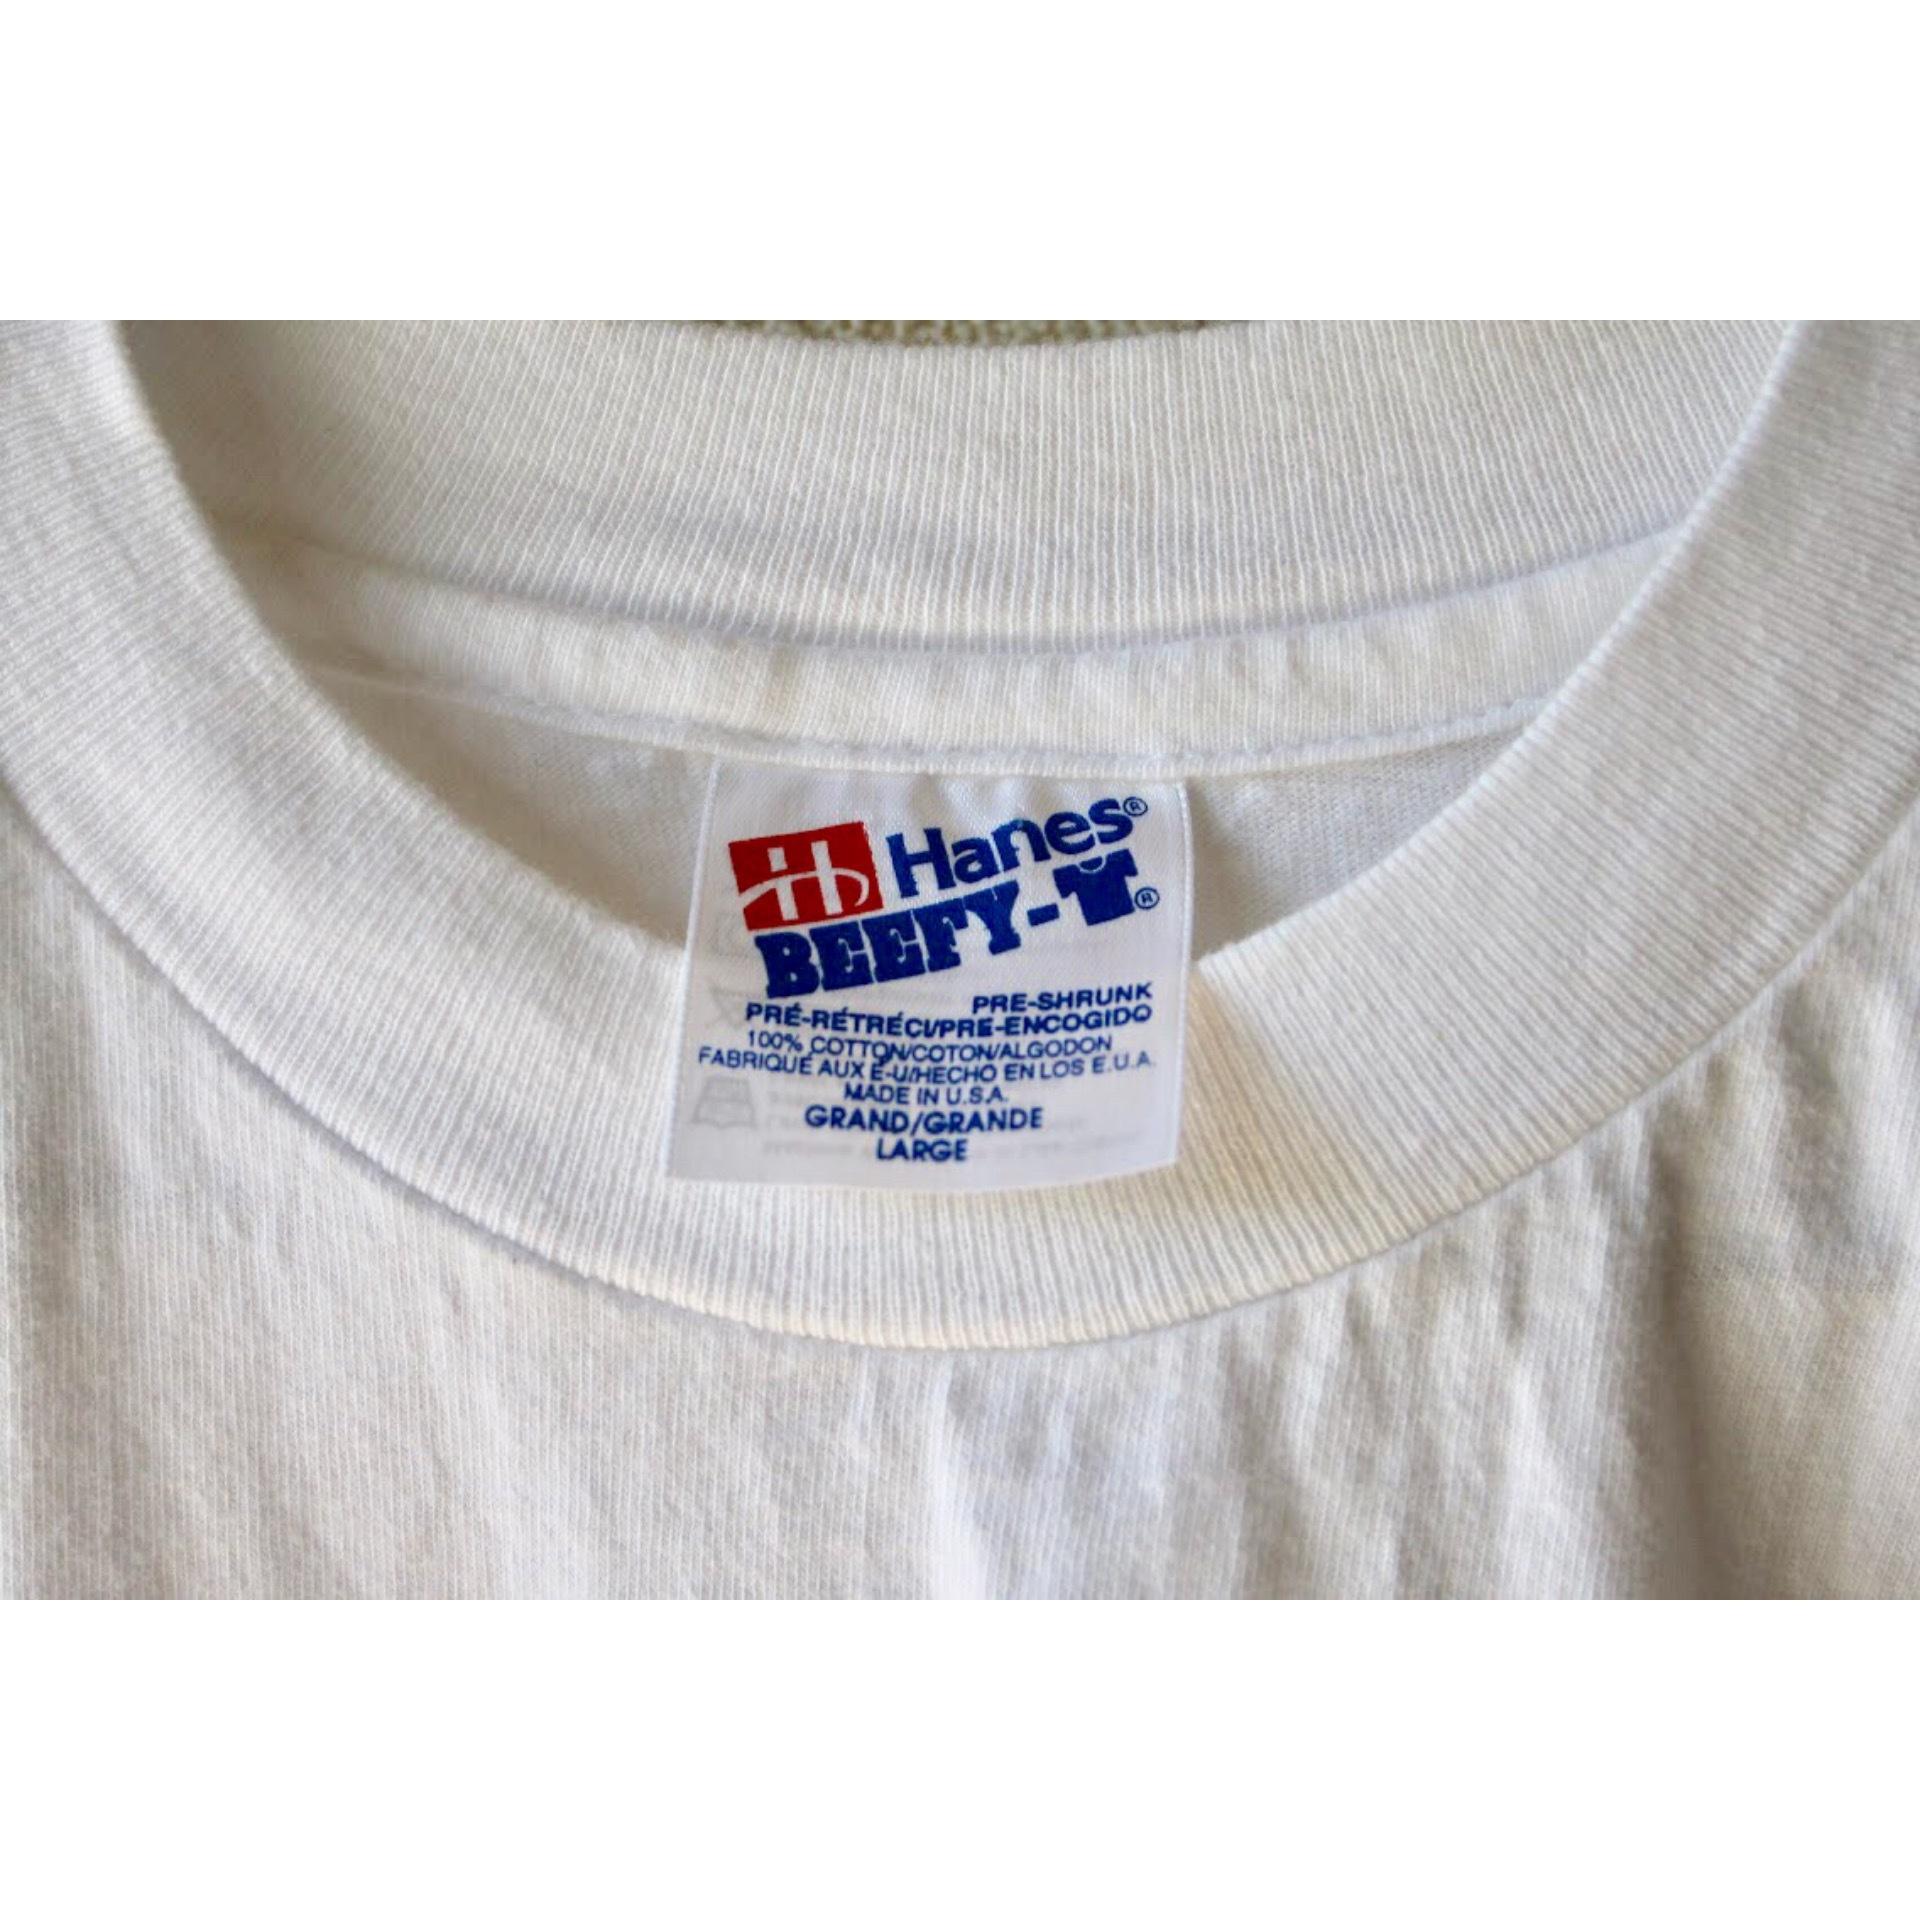 90s W Magazine anniversary t shirt